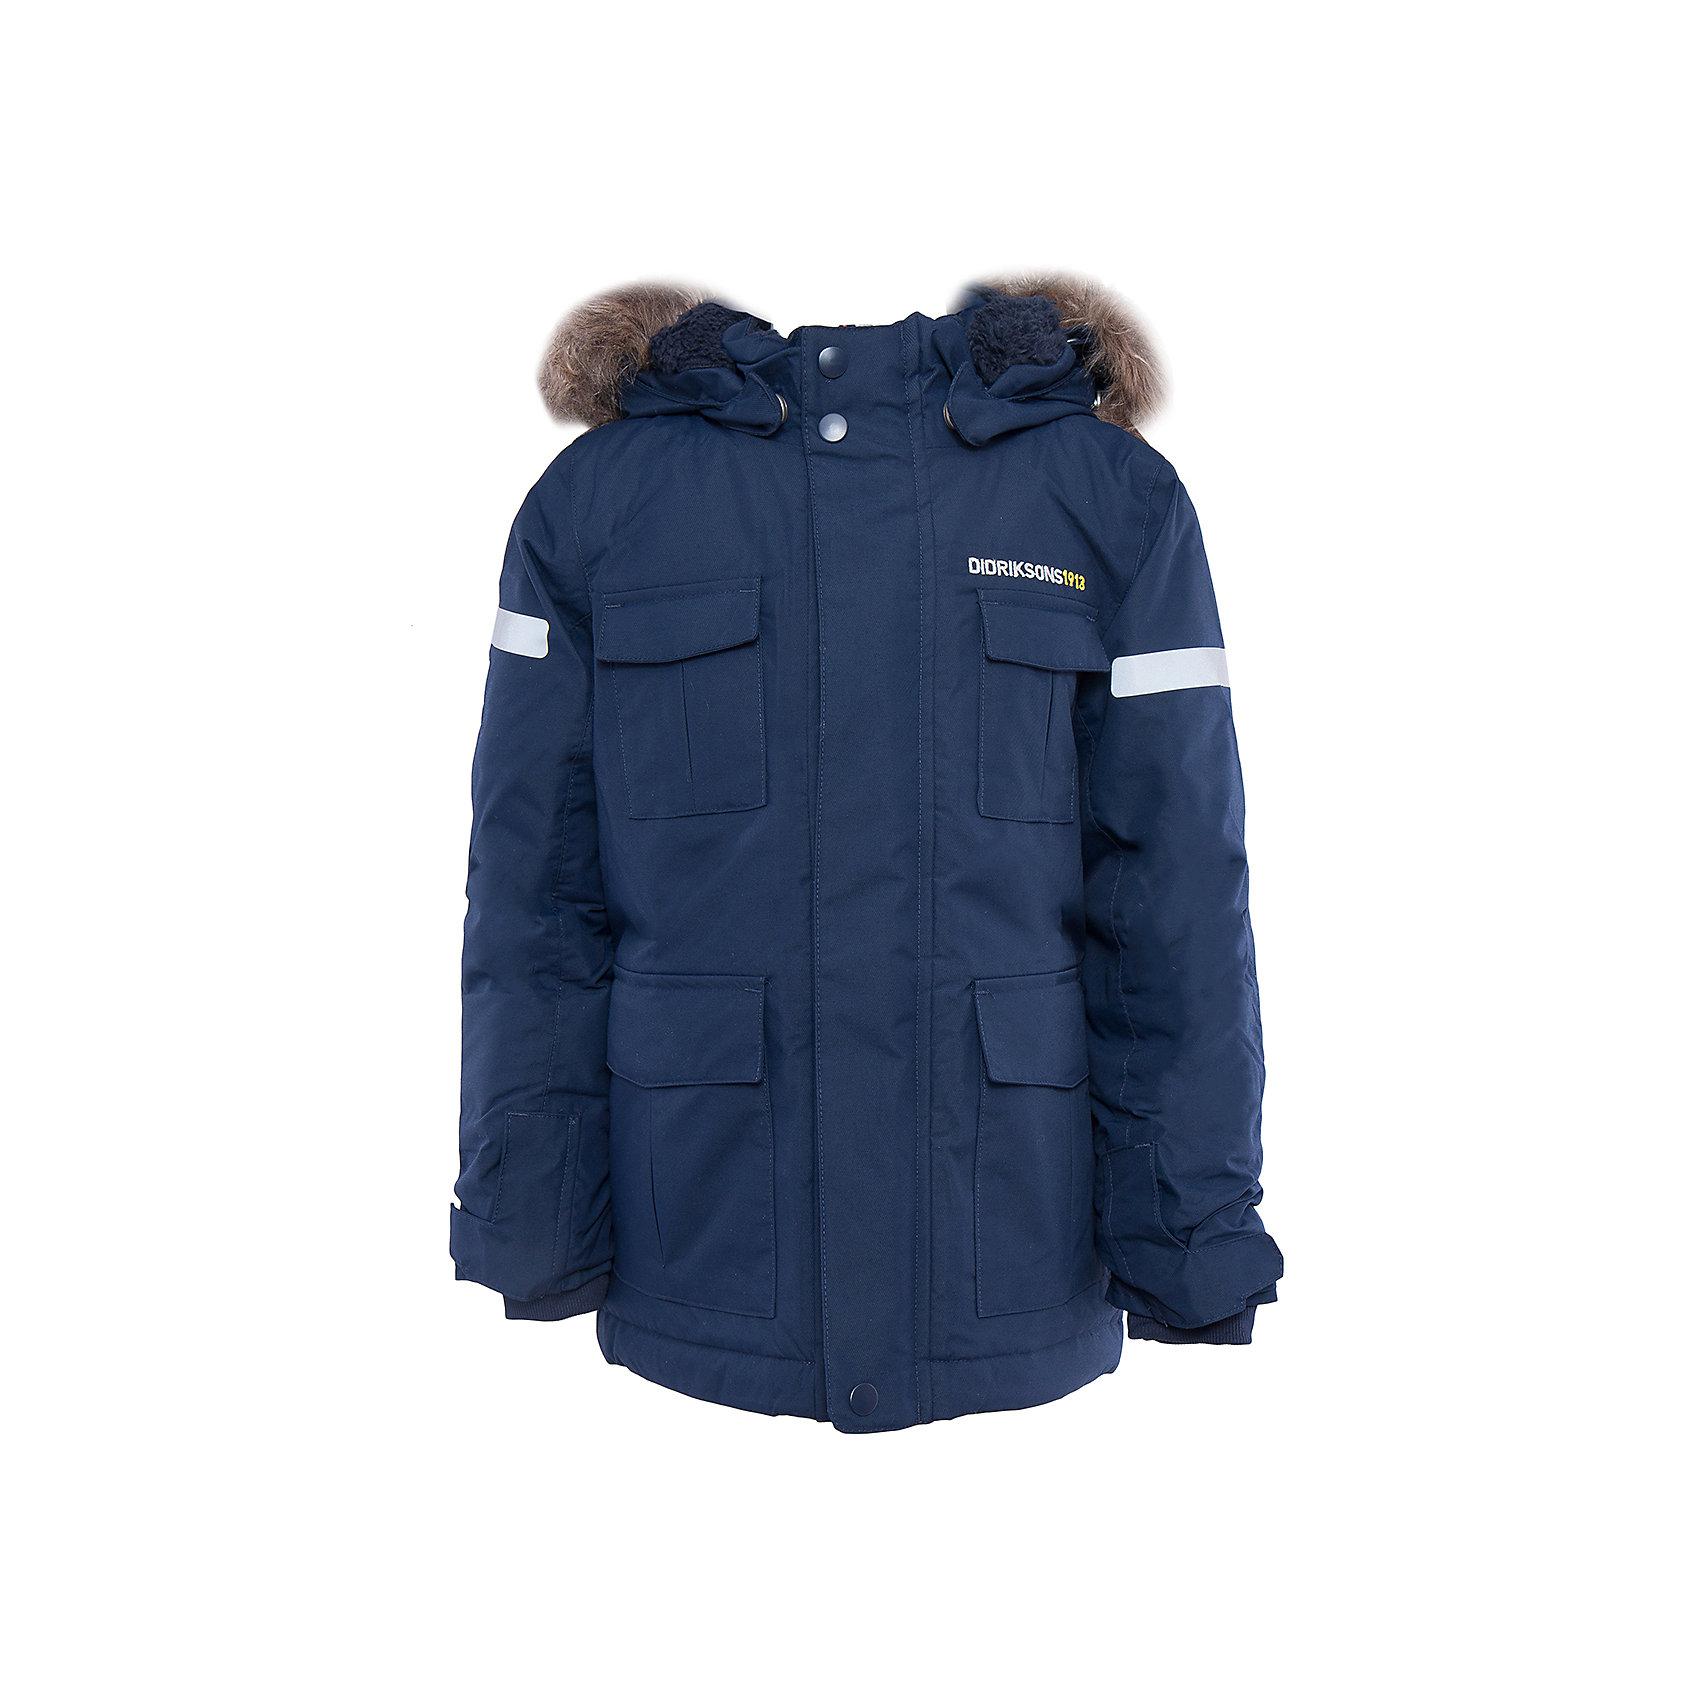 Куртка-парка Nokosi DIDRIKSONSВерхняя одежда<br>Характеристики товара:<br><br>• цвет: синий<br>• материал: 100% полиамид, подкладка 100% полиэстер<br>• утеплитель: 160 г/м<br>• сезон: зима<br>• температурный режим от +5 до -20С<br>• непромокаемая и непродуваемая мембранная ткань<br>• на спине подкладка из искусственного меха<br>• дополнительная пропитка верха<br>• прокленные швы<br>• регулируемый съемный капюшон<br>• ширина рукавов регулируется<br>• съемный мех на капюшоне<br>• внутренние трикотажные манжеты<br>• фронтальная молния под планкой<br>• светоотражающие детали<br>• можно увеличить длину рукавов на один размер <br>• страна бренда: Швеция<br>• страна производства: Бангладеш<br><br>Куртки парки сейчас на пике молодежной моды! Это не только стильно, но еще и очень комфортно, а также тепло. Эта качественная парка обеспечит ребенку удобство при прогулках и активном отдыхе зимой. Такая модель от шведского производителя легко трансформируется под рост ребенка и погодные условия.<br>Парка сшита из мембранной ткани, которая позволяет телу дышать, но при этом не промокает и не продувается. Очень стильная и удобная модель! Изделие качественно выполнено, сделано из безопасных для детей материалов. <br><br>Куртку от бренда DIDRIKSONS можно купить в нашем интернет-магазине.<br><br>Ширина мм: 356<br>Глубина мм: 10<br>Высота мм: 245<br>Вес г: 519<br>Цвет: голубой<br>Возраст от месяцев: 12<br>Возраст до месяцев: 15<br>Пол: Мужской<br>Возраст: Детский<br>Размер: 90,80,120,110,100<br>SKU: 5003968